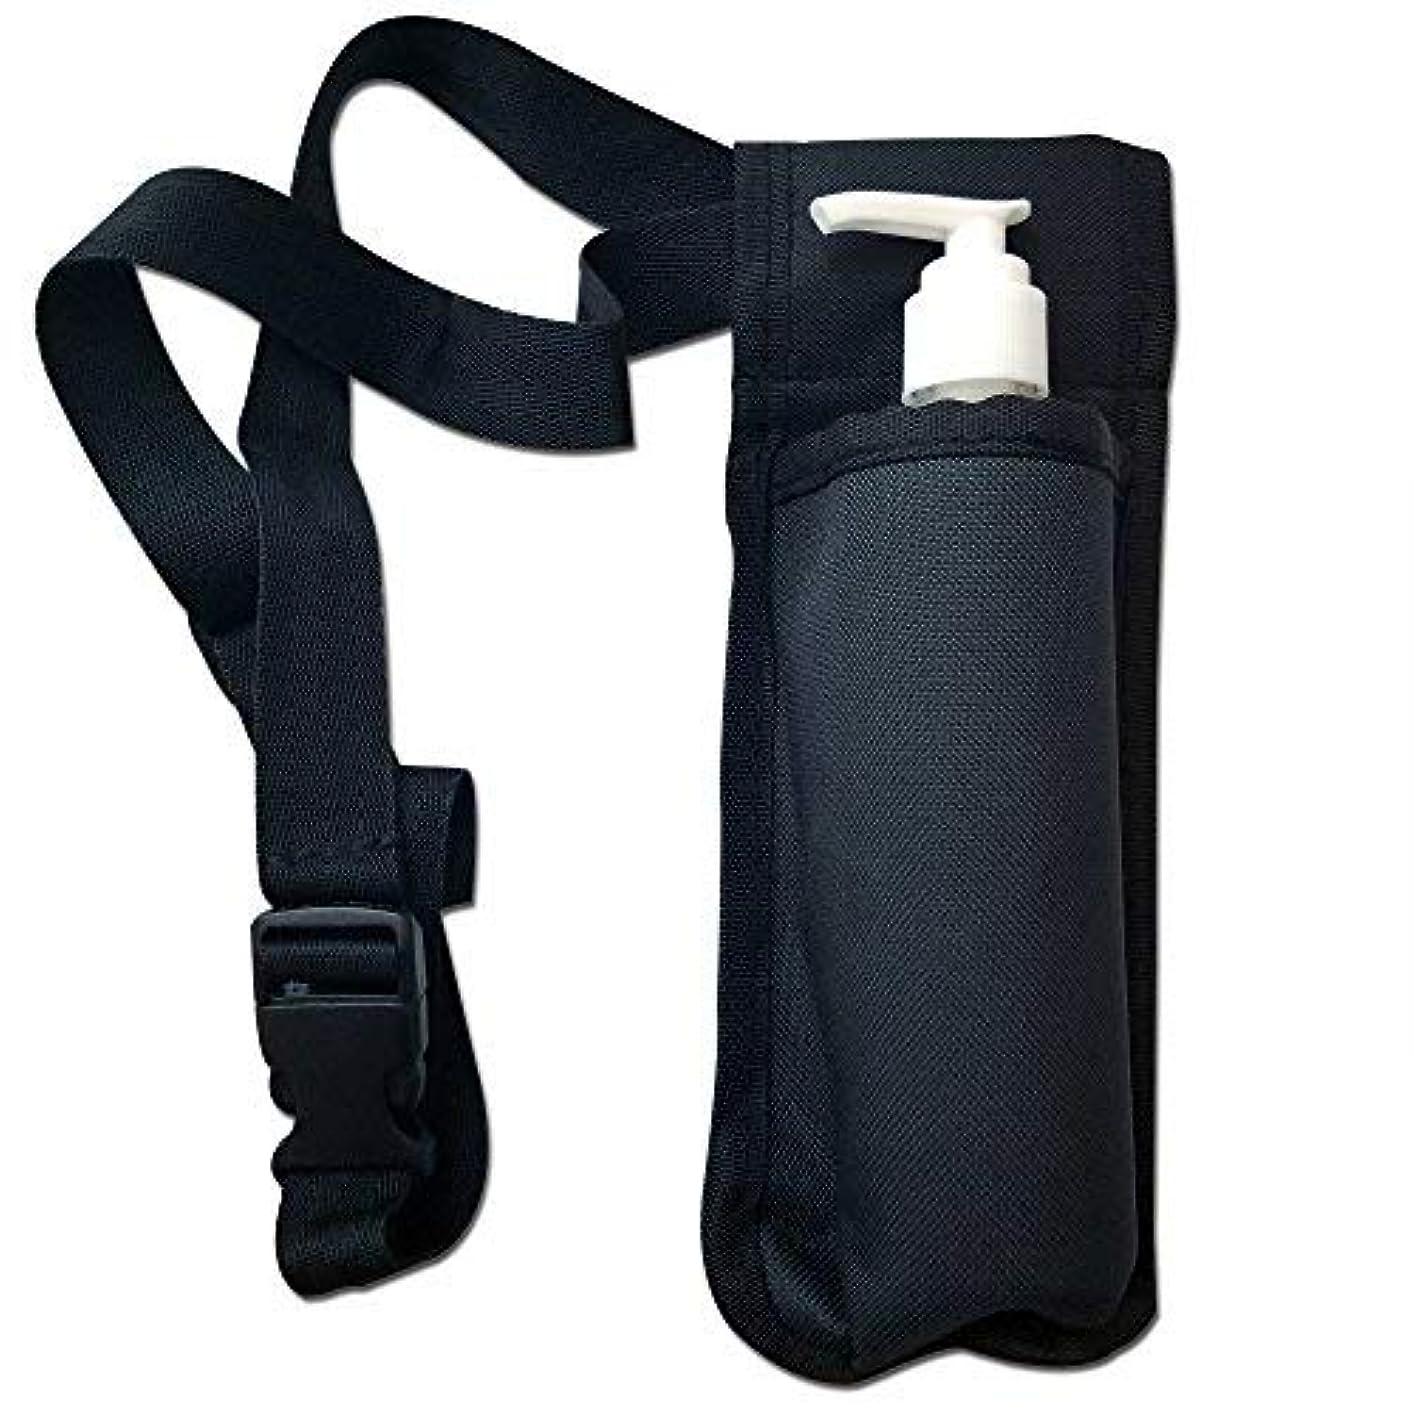 槍定義後ろにTOA Single Bottle Holster Adjustable Strap w/ 6oz Bottle for Massage Oil, Lotion, Cream [並行輸入品]